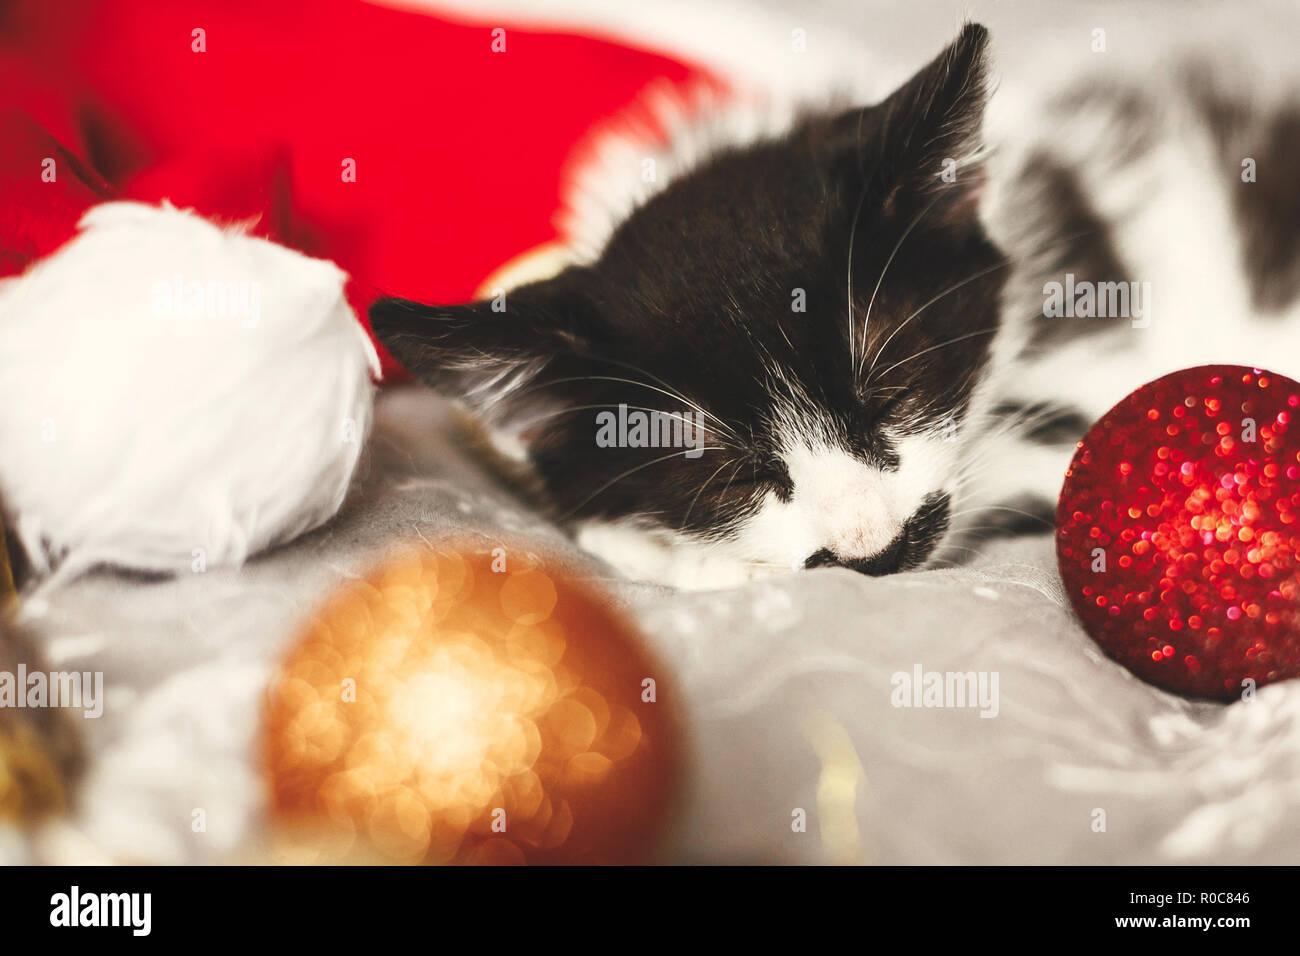 Cute kitty sleeping in santa hat sur lit avec boules de Noël rouge et or dans la salle des fêtes. Joyeux Noël concept. Adorable chaton la sieste. État initial Photo Stock